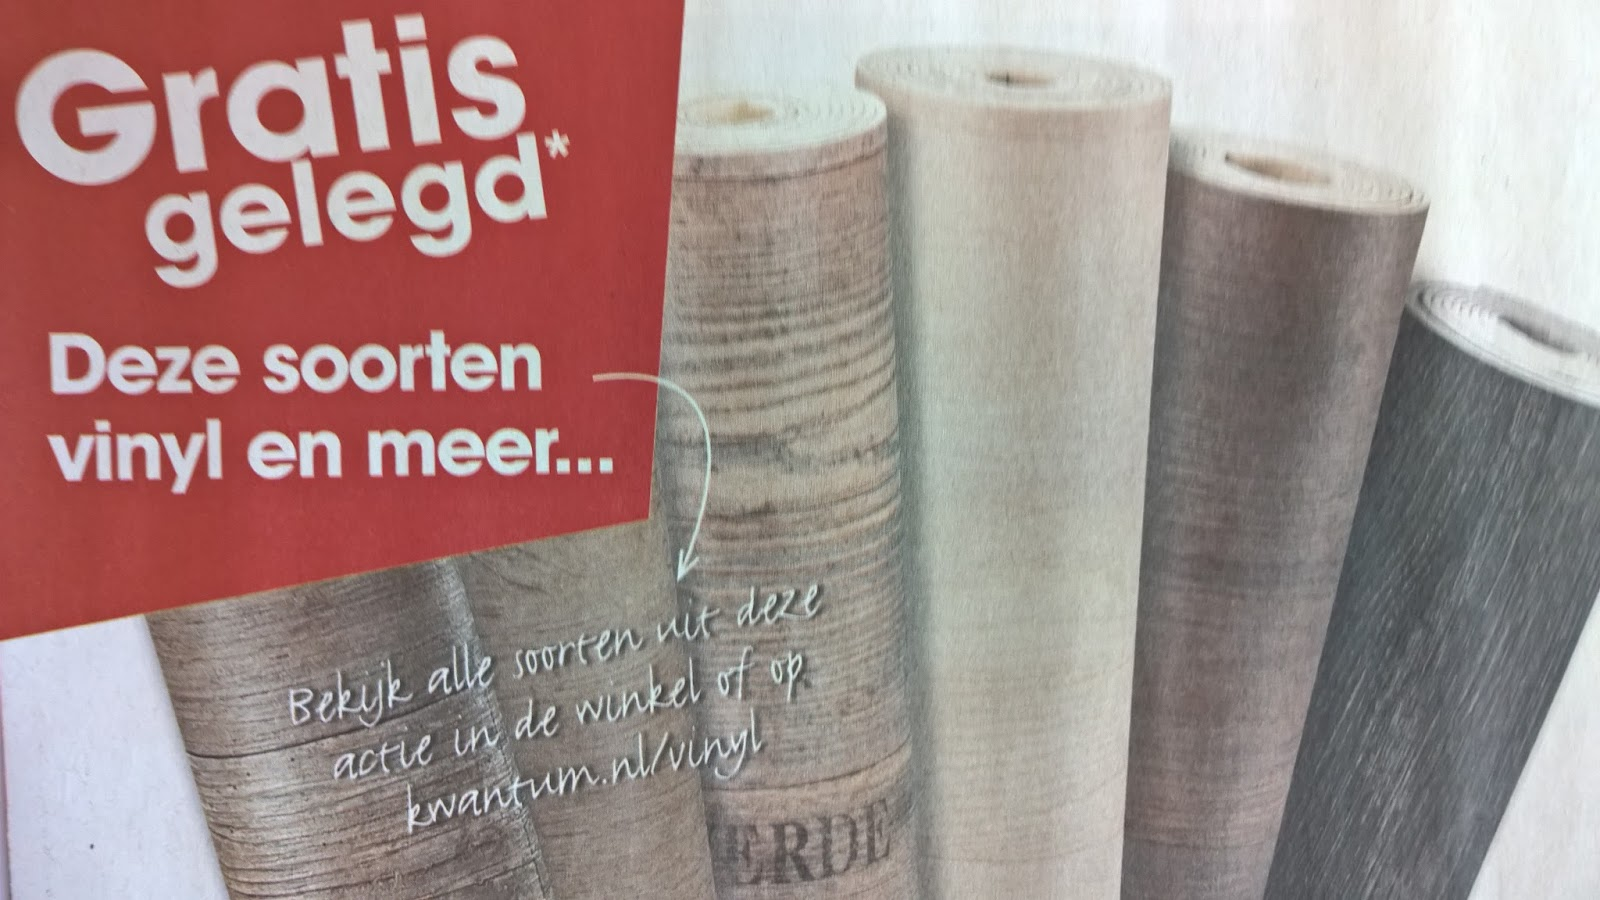 Vinyl Vloertegels Goedkoop : Vinyl vloer kwantum gratis gelegd